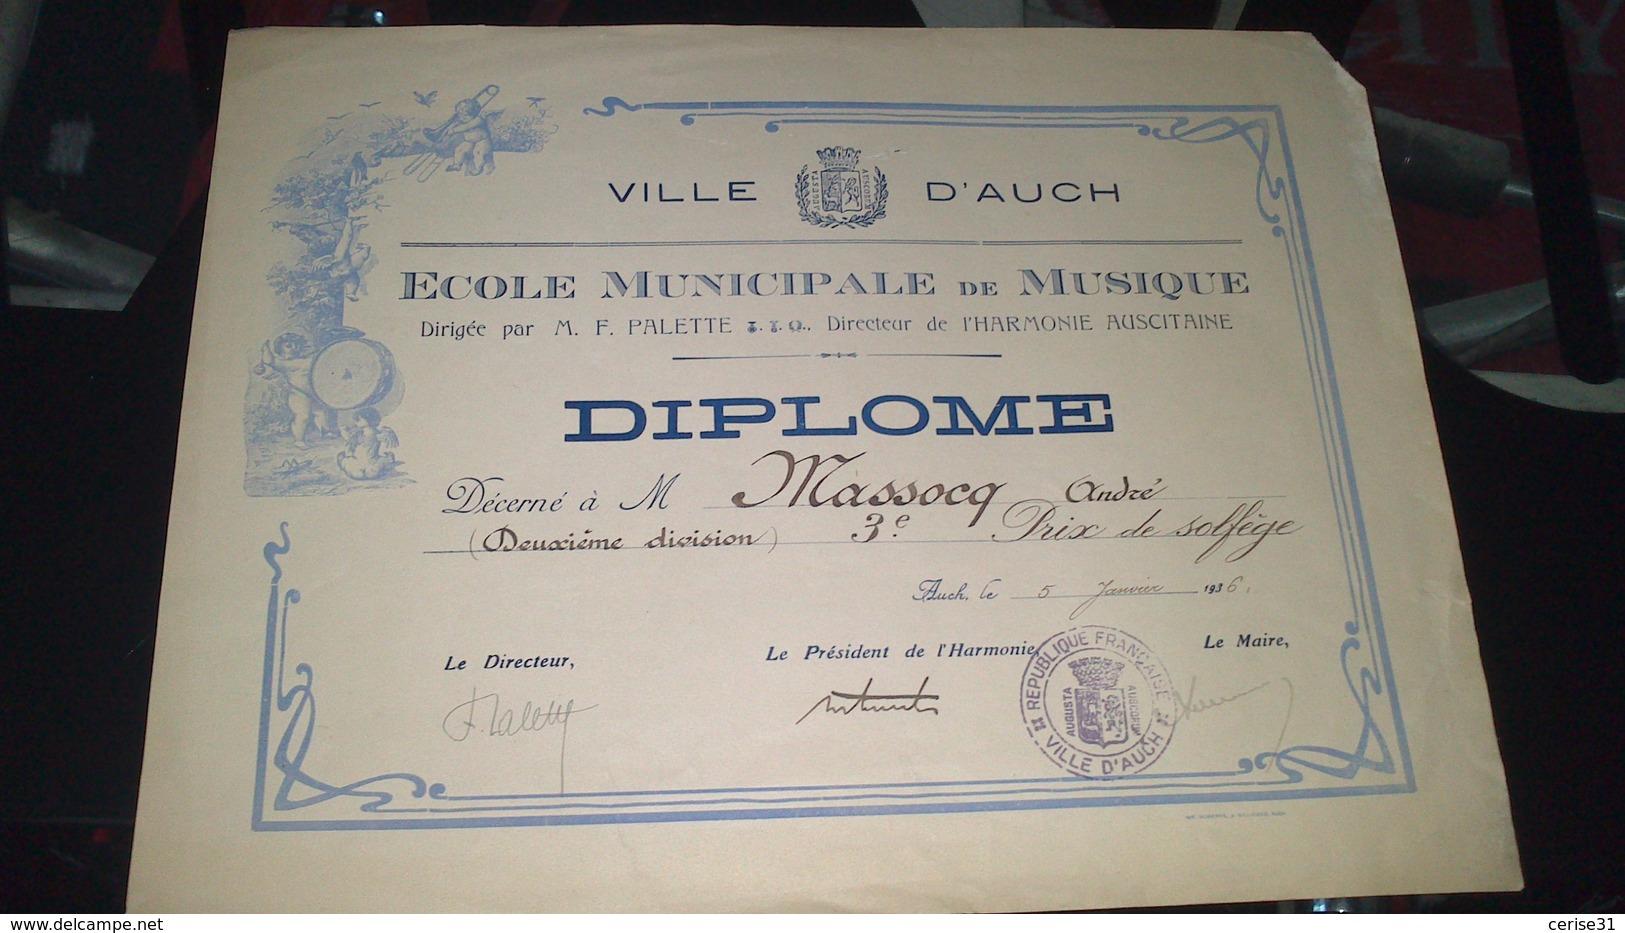 Diplôme -  VILLE D'AUCH - DIPLOME école Municipale De Musique De M. MASSOCQ Serge à AUCH 3e Prix - Diploma & School Reports